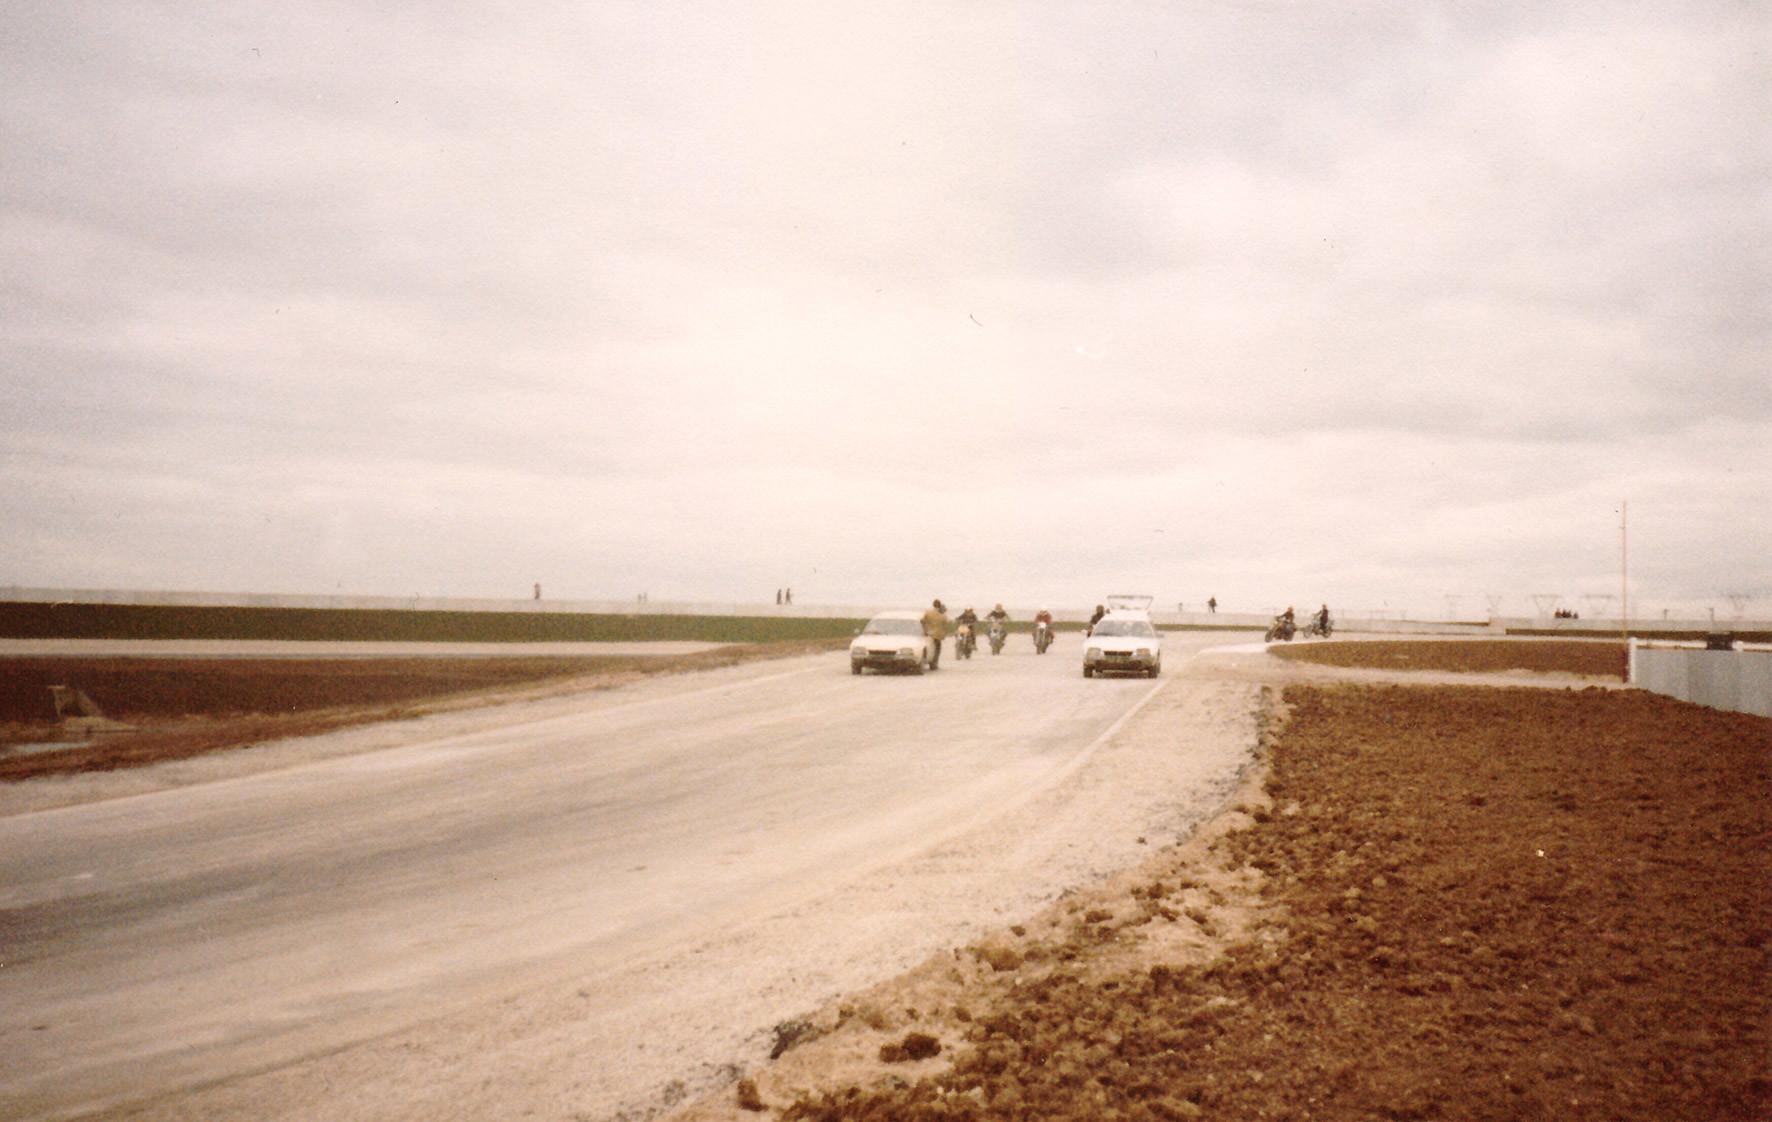 L\'inauguration-du-circuit-Carole,-le-1er-décembre-1979,-permet-à-quelques-motards-privilégiés-de-découvrir-une-piste-encore-poussiéreuse,-dénuée-de-toute-infrastructure